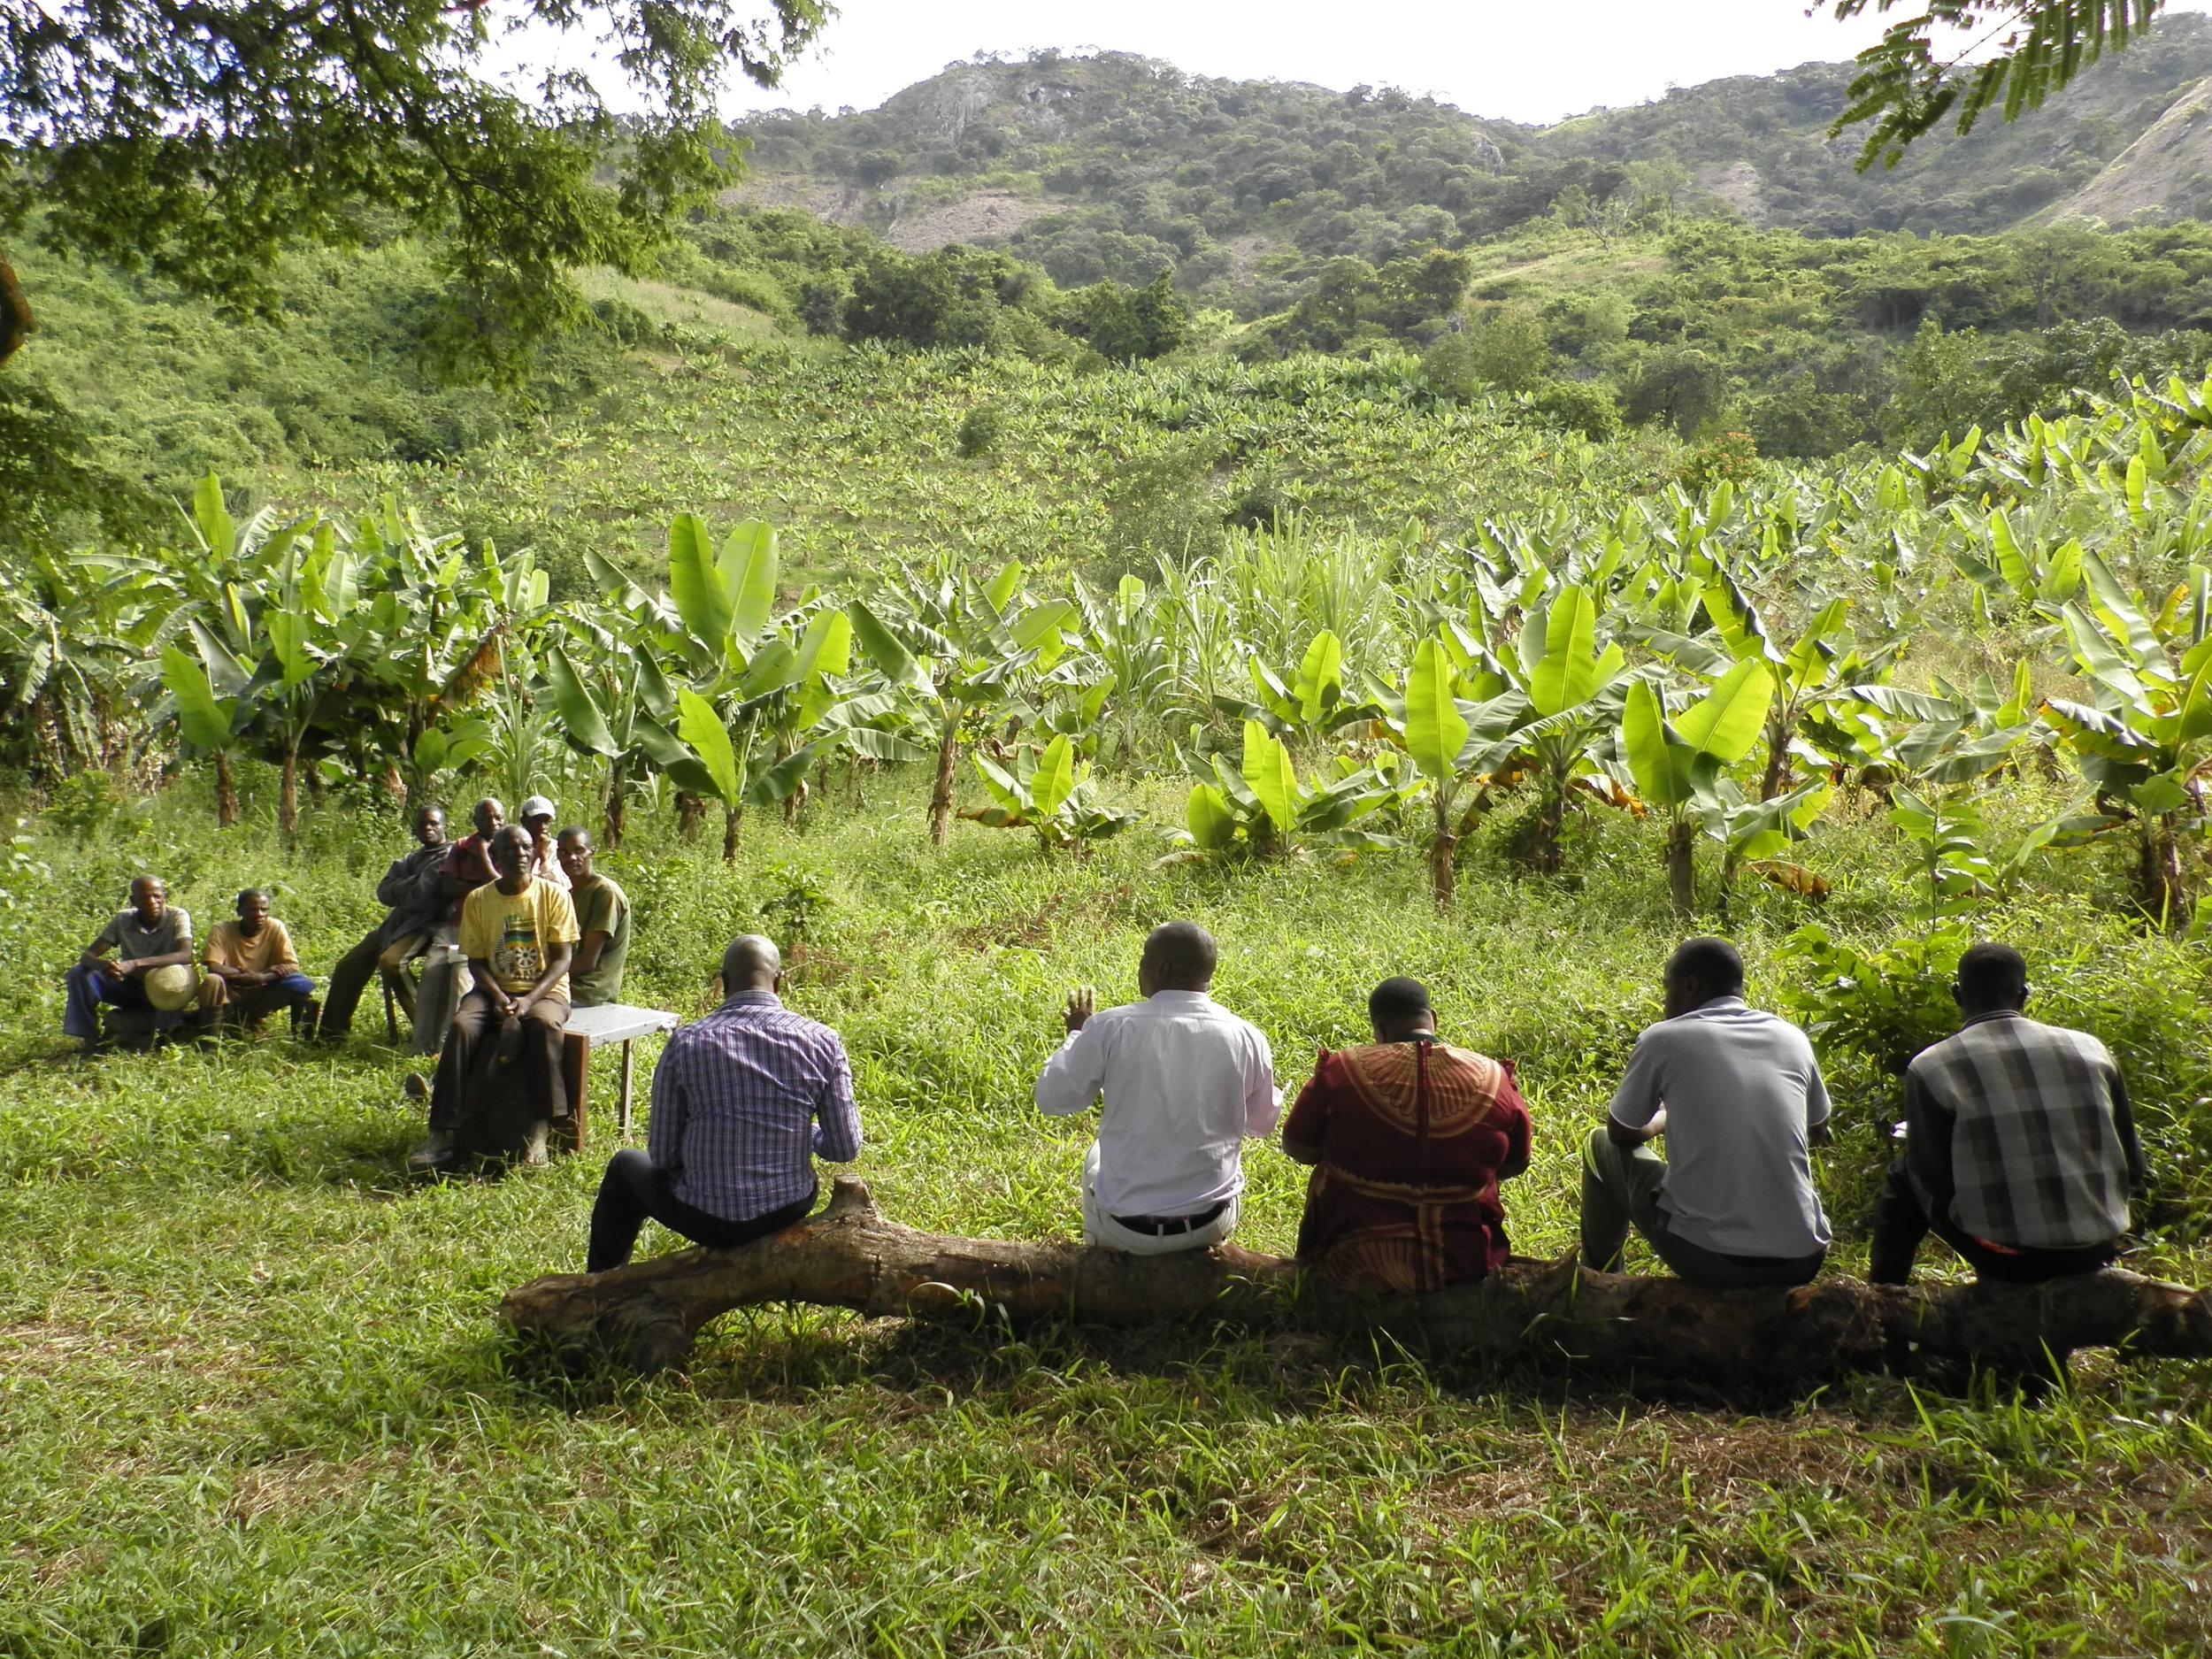 Honde Valley Banana Growers Meeting